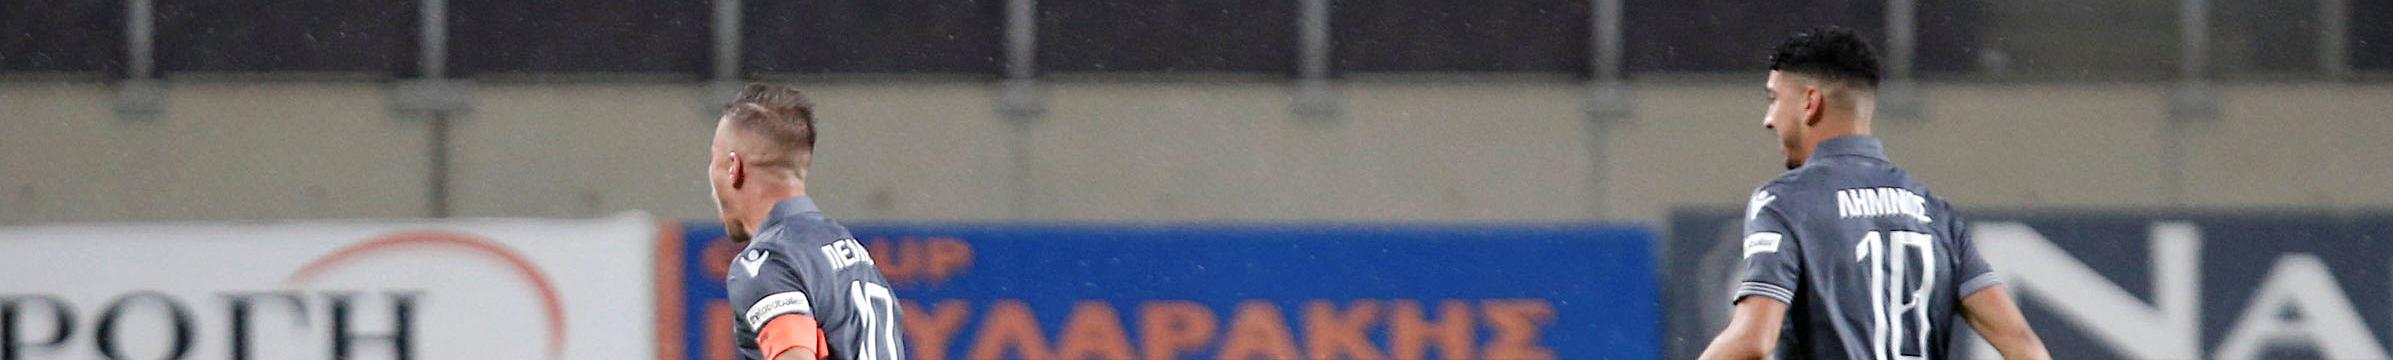 ΠΑΟΚ - Λεβαδειακός: Φιέστα τίτλου στην Τούμπα!